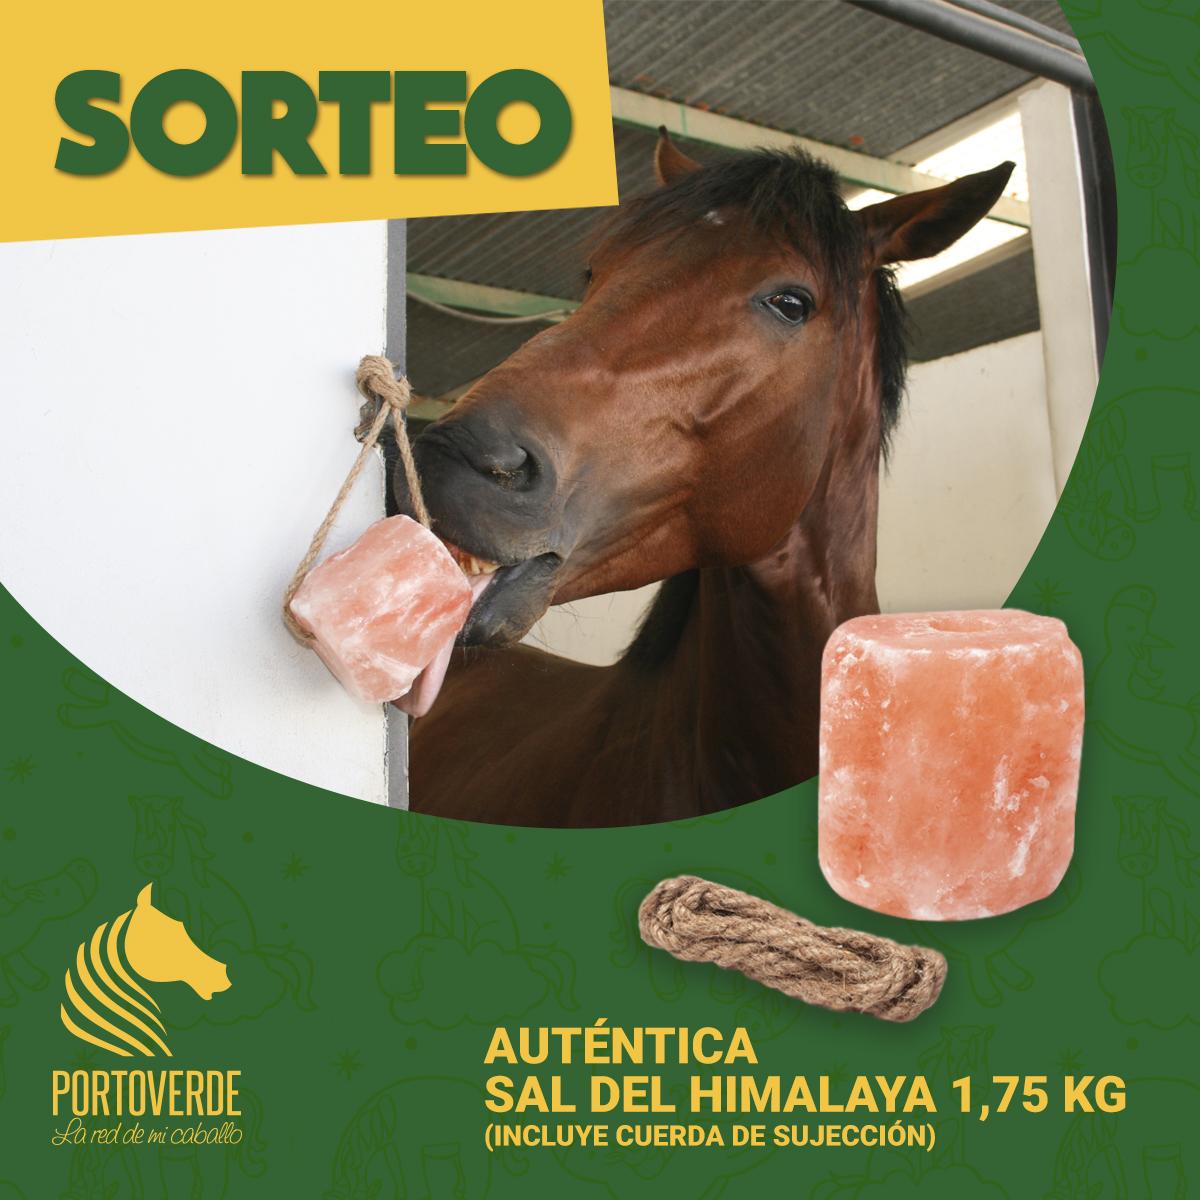 Sorteo piedra de sal del Himalaya Portoverde